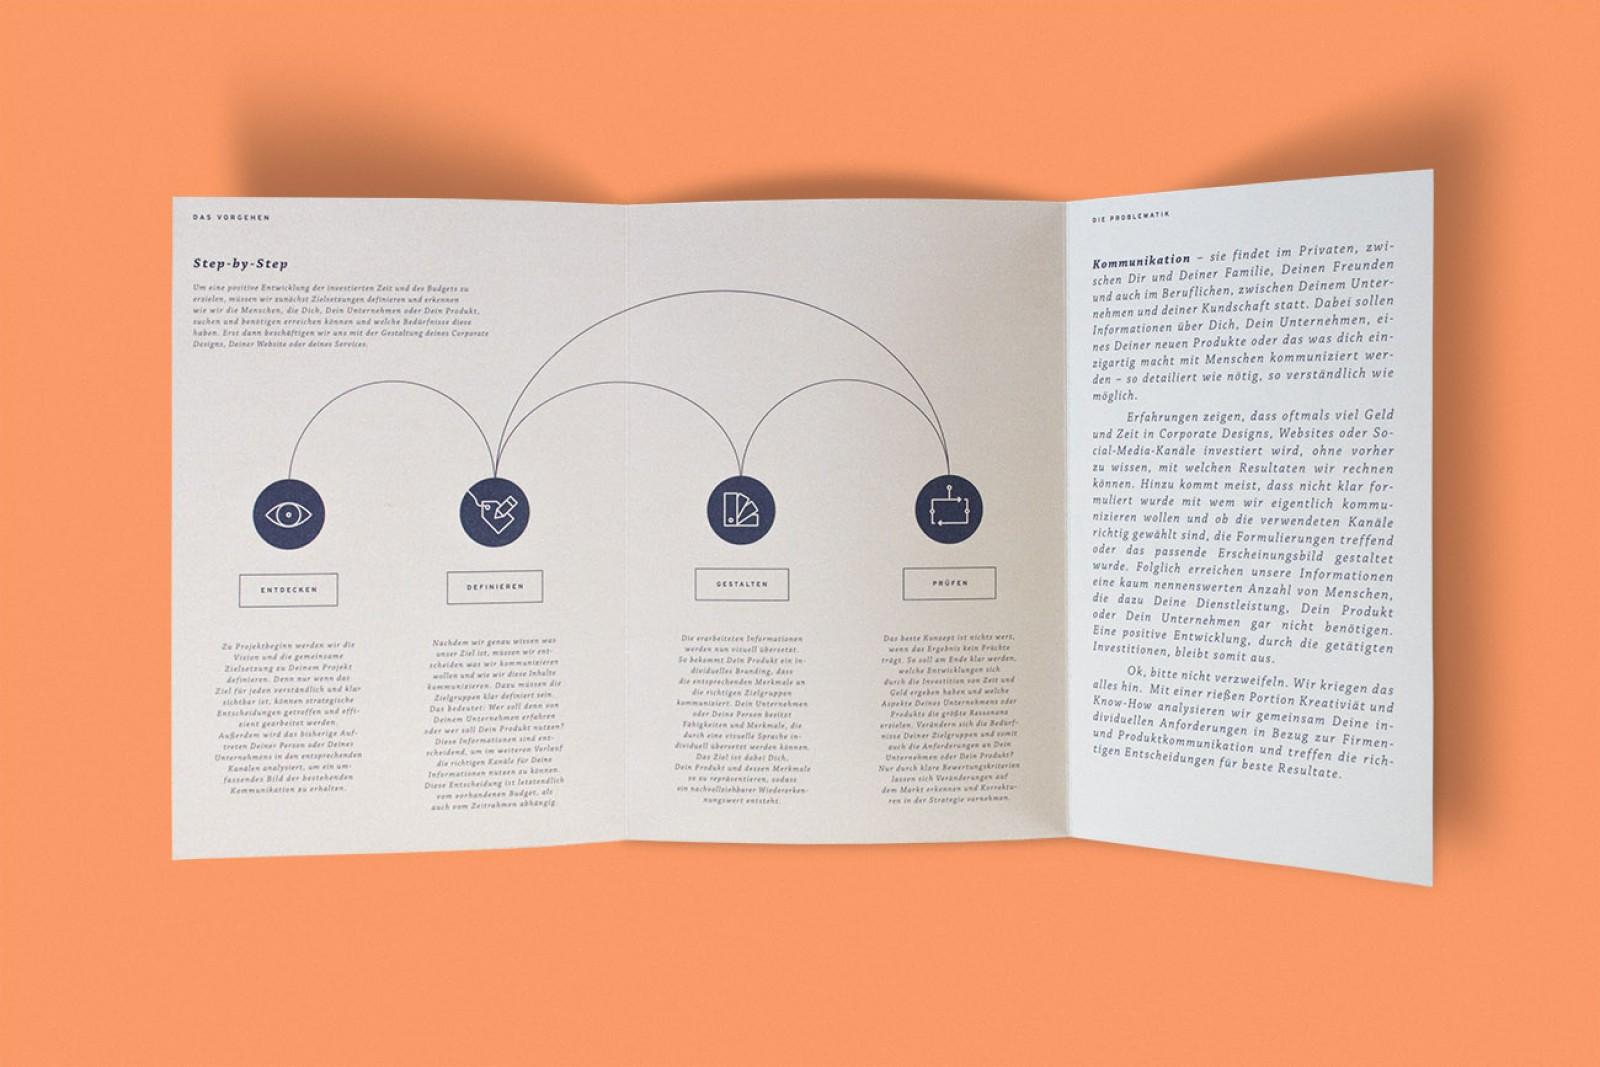 Grafikdesign und Layout für neue Unternehmensbroschüre für Tobias Albrecht in Neuburg an der Donau